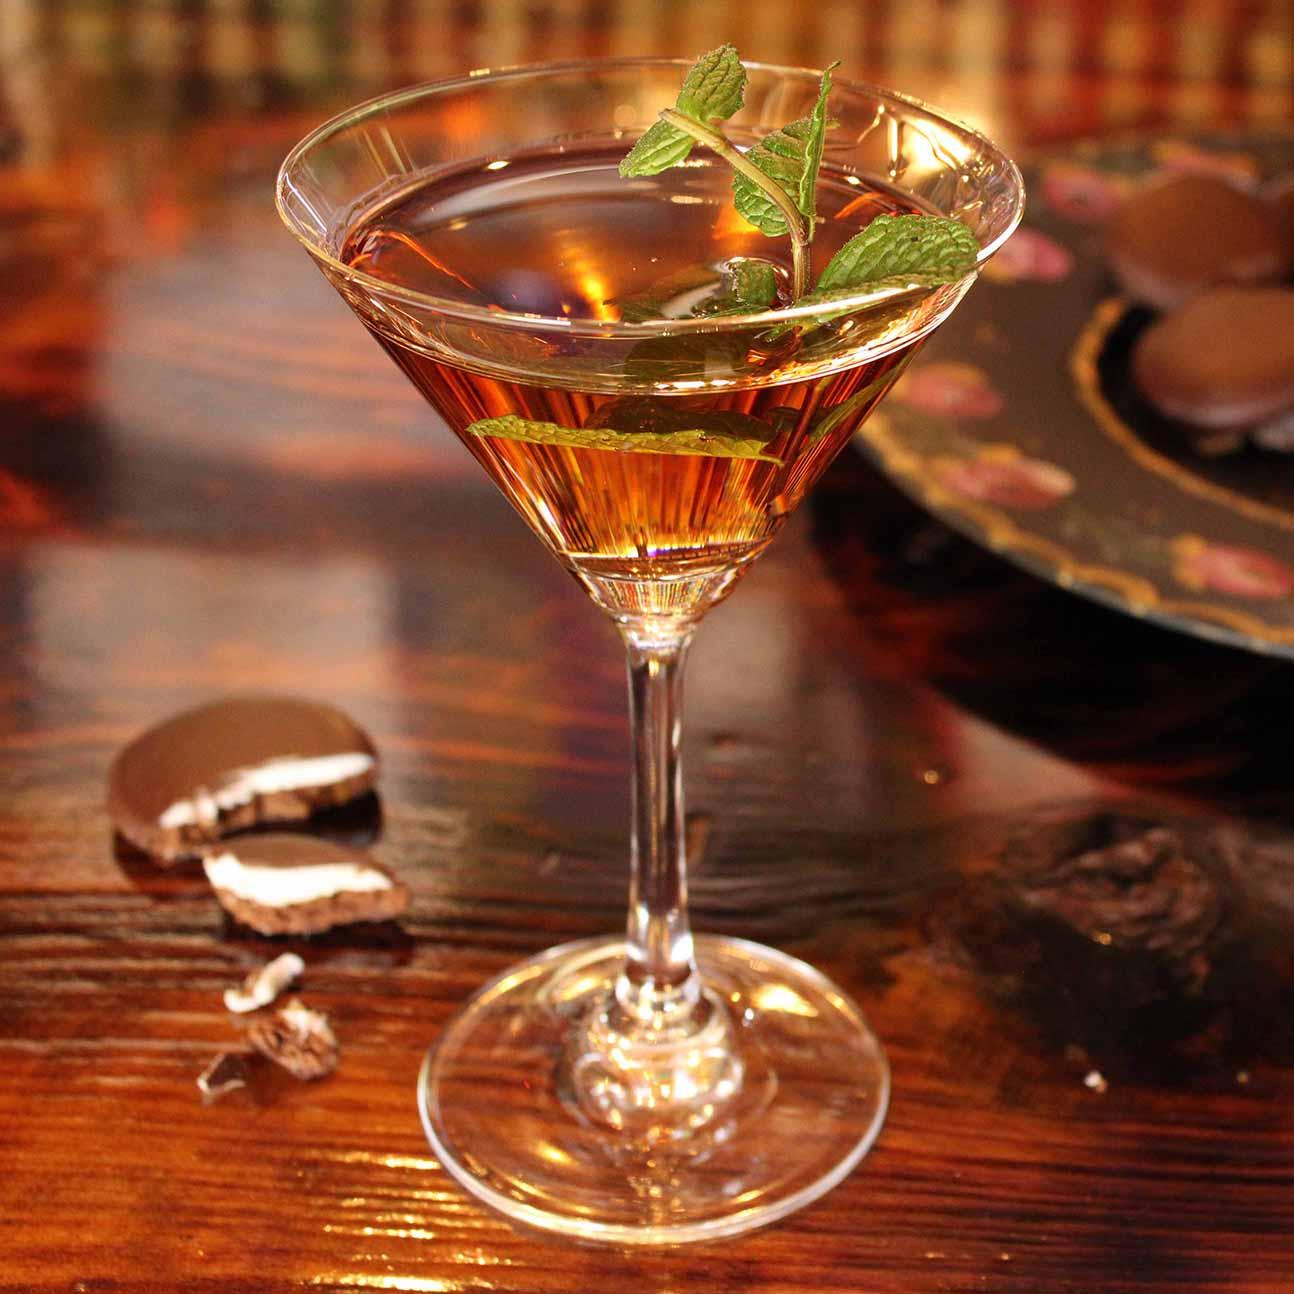 Choc Mint Martini